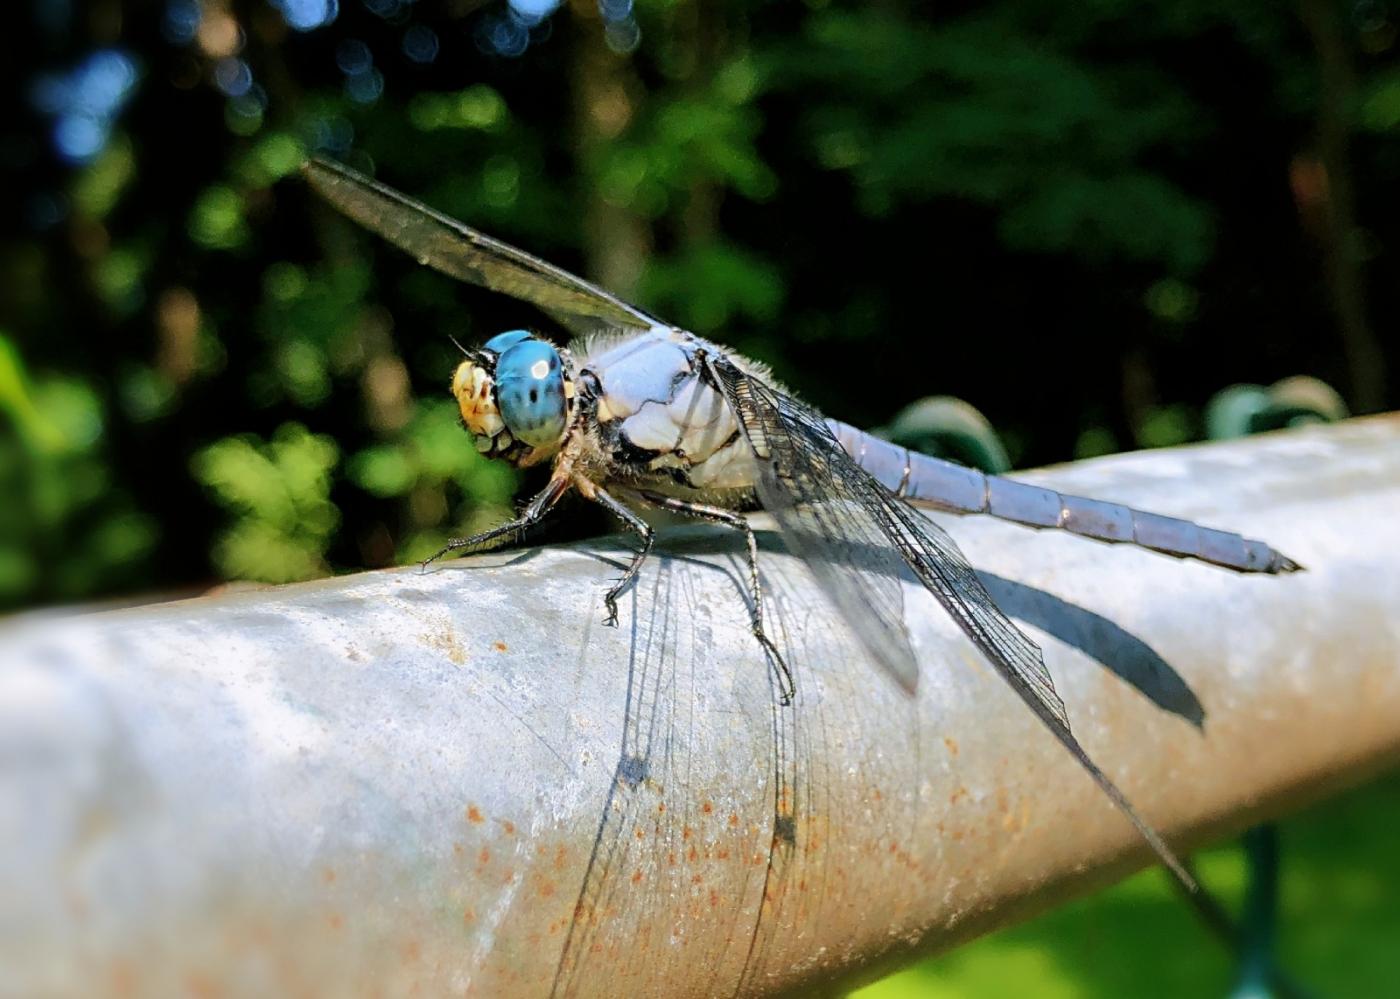 【田螺摄影】院子里的蜻蜓_图1-17